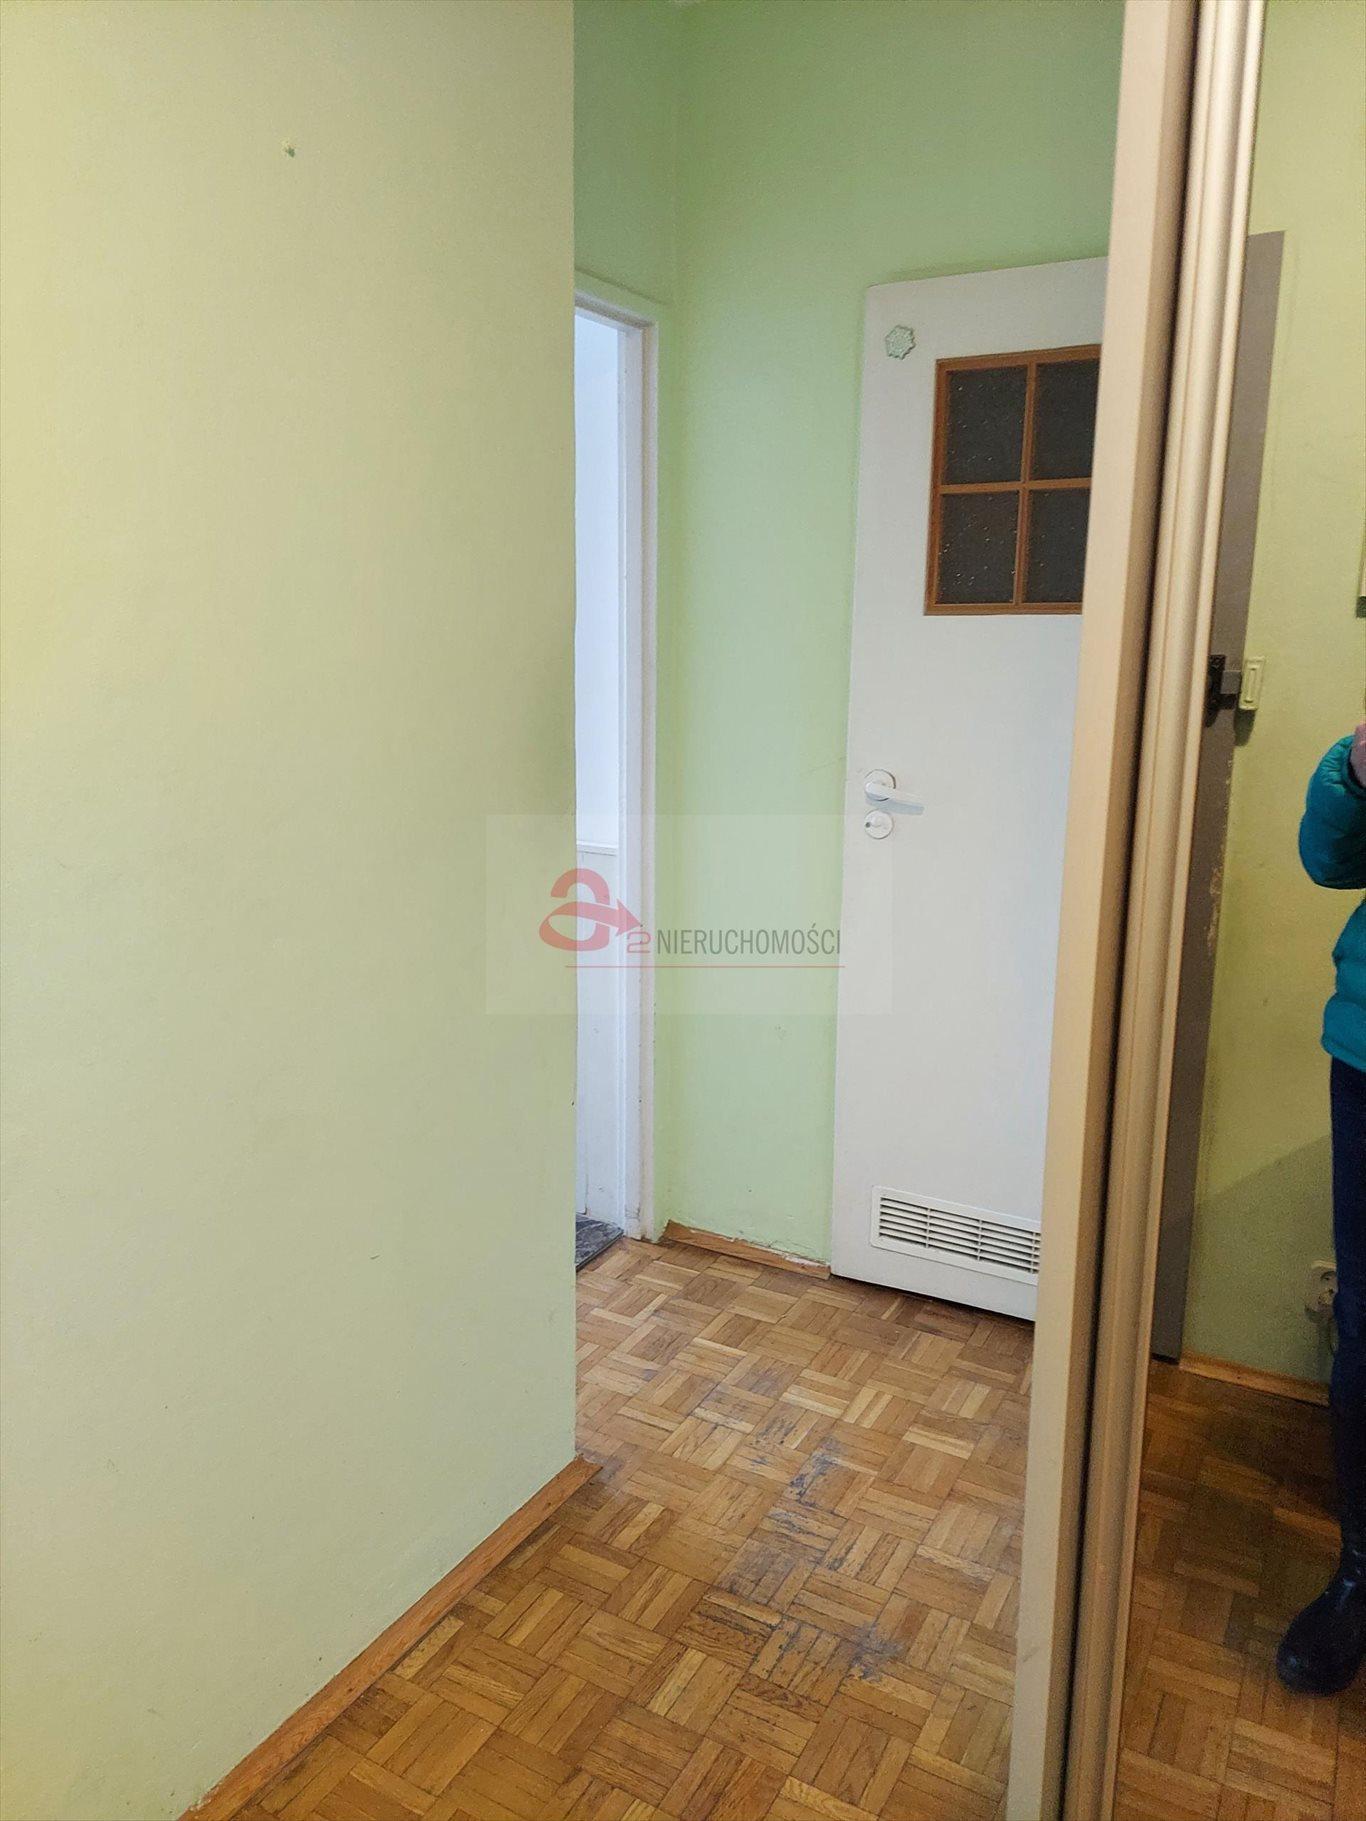 Mieszkanie trzypokojowe na sprzedaż Poznań, Poznań-Stare Miasto, Piątkowo, os. Bolesława Chrobrego  50m2 Foto 5